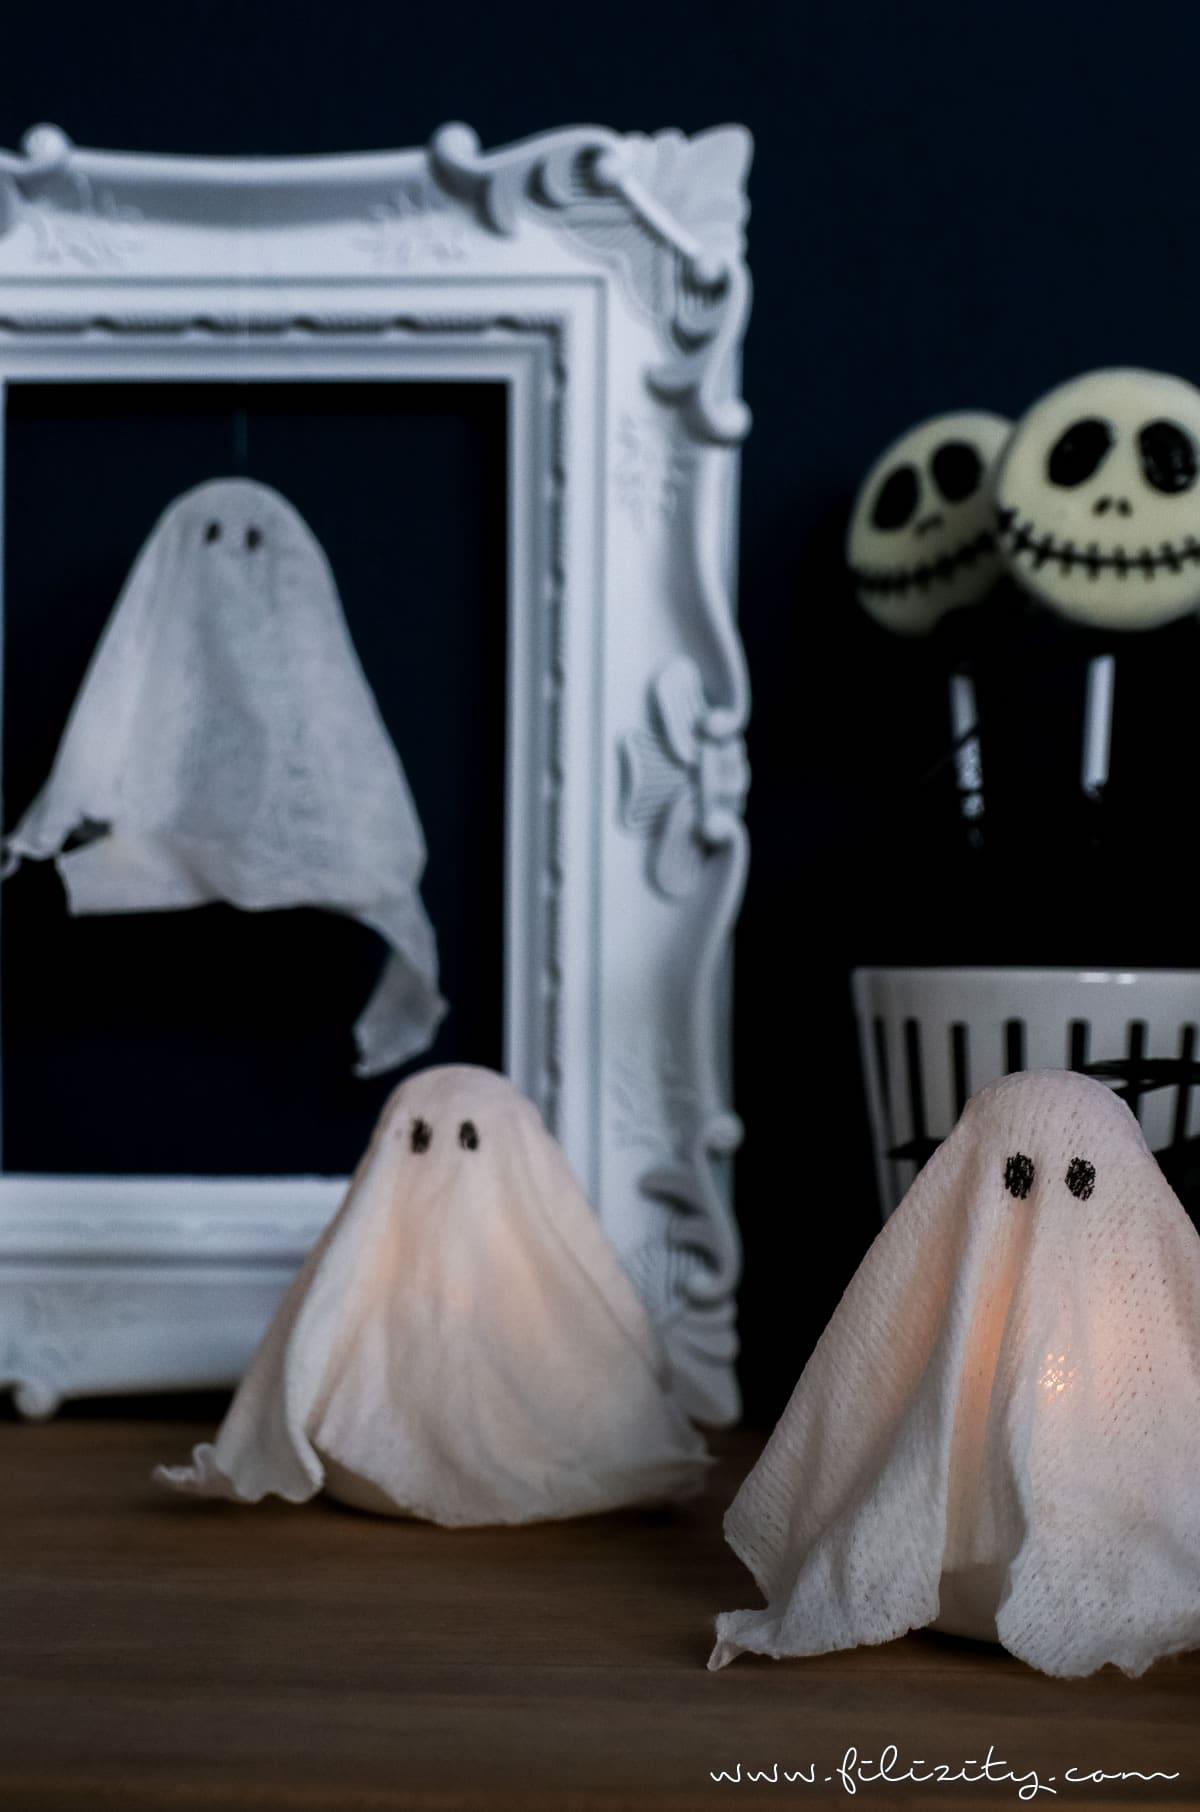 Diy Halloweendeko Selber Machen Geister Lampen Und Geister Anhanger Filizity Com Food Blog Aus Dem Rheinland